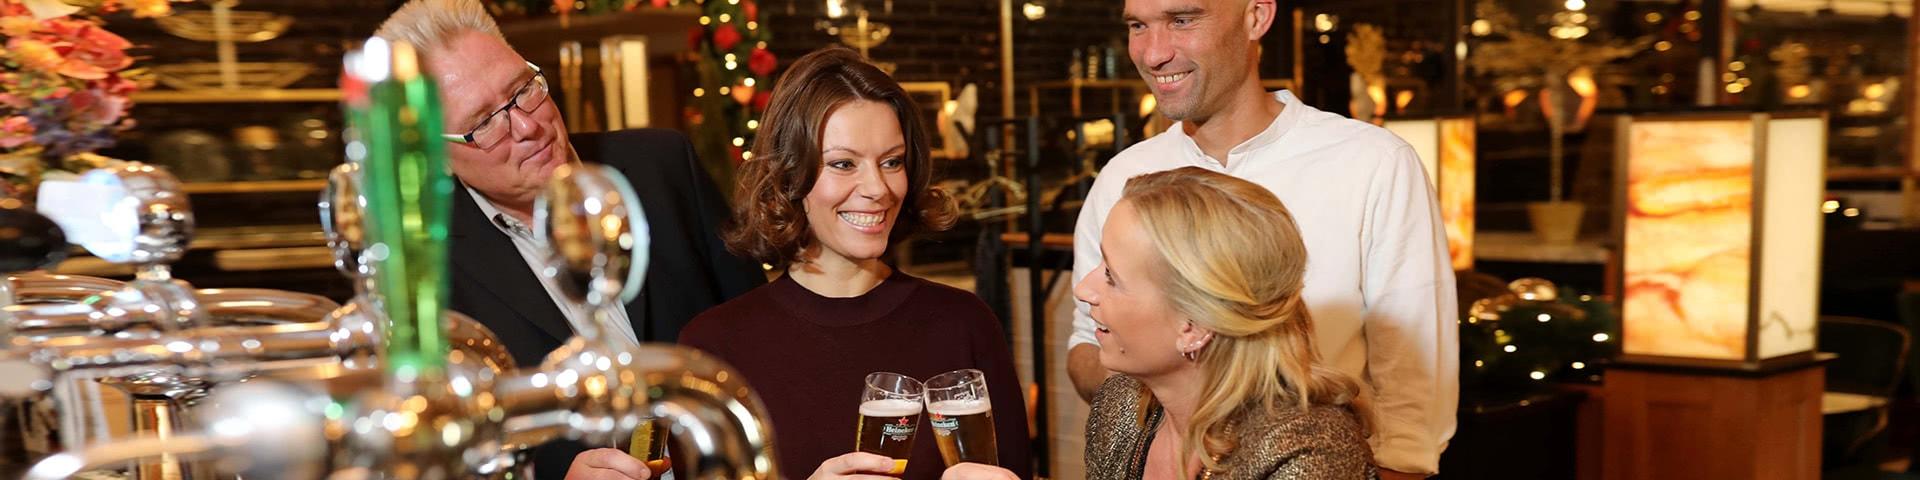 Gruppe an der Bar in der weihnachtlich geschmückten Brasserie